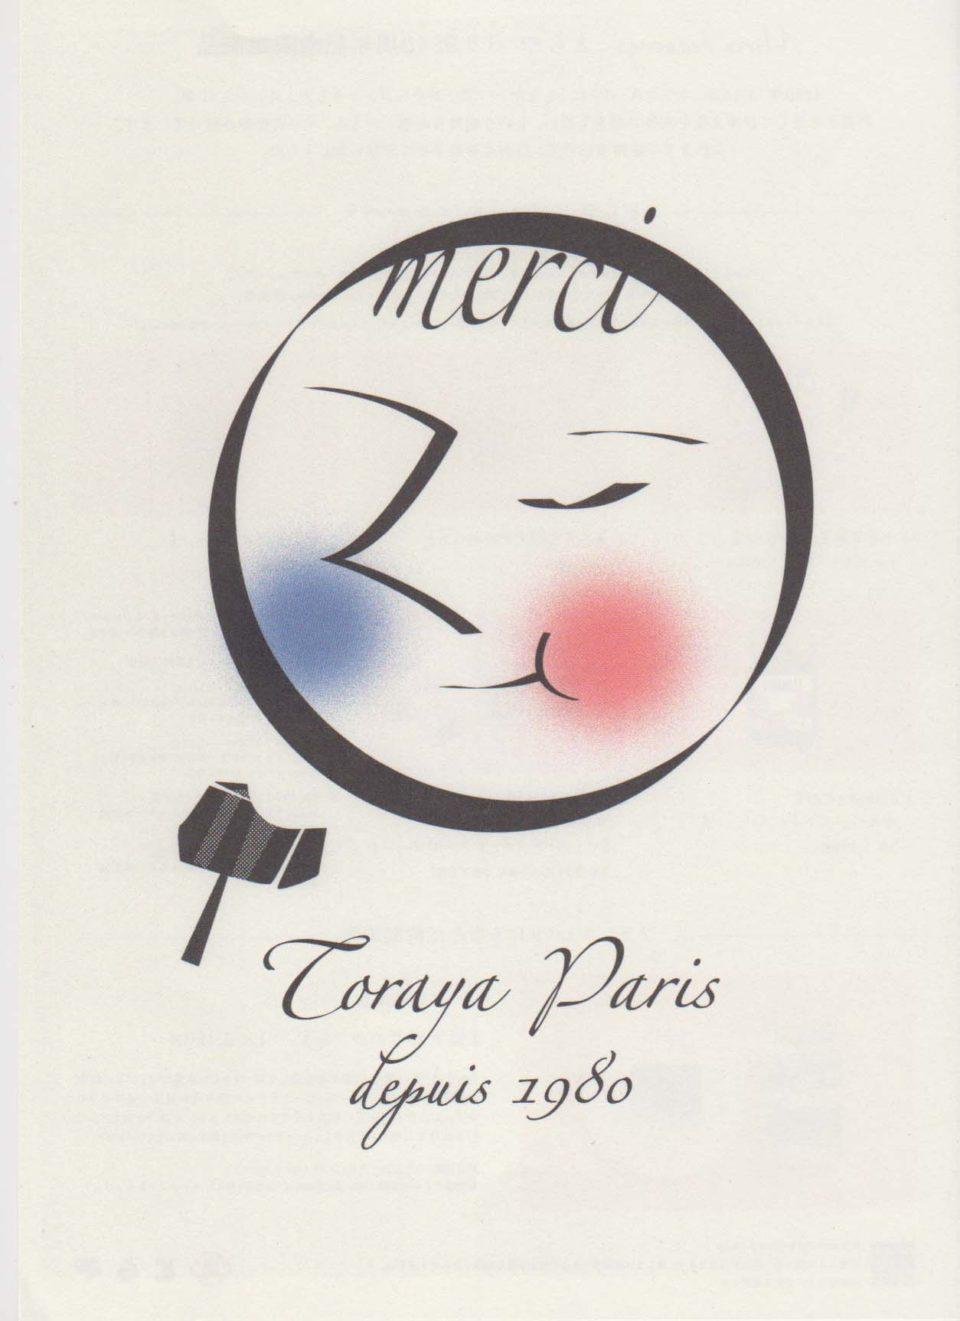 毎日が和菓子日和 | とらや | とらやパリ店40周年記念限定 | ピエール・エルメ・パリとのコラボレーション商品